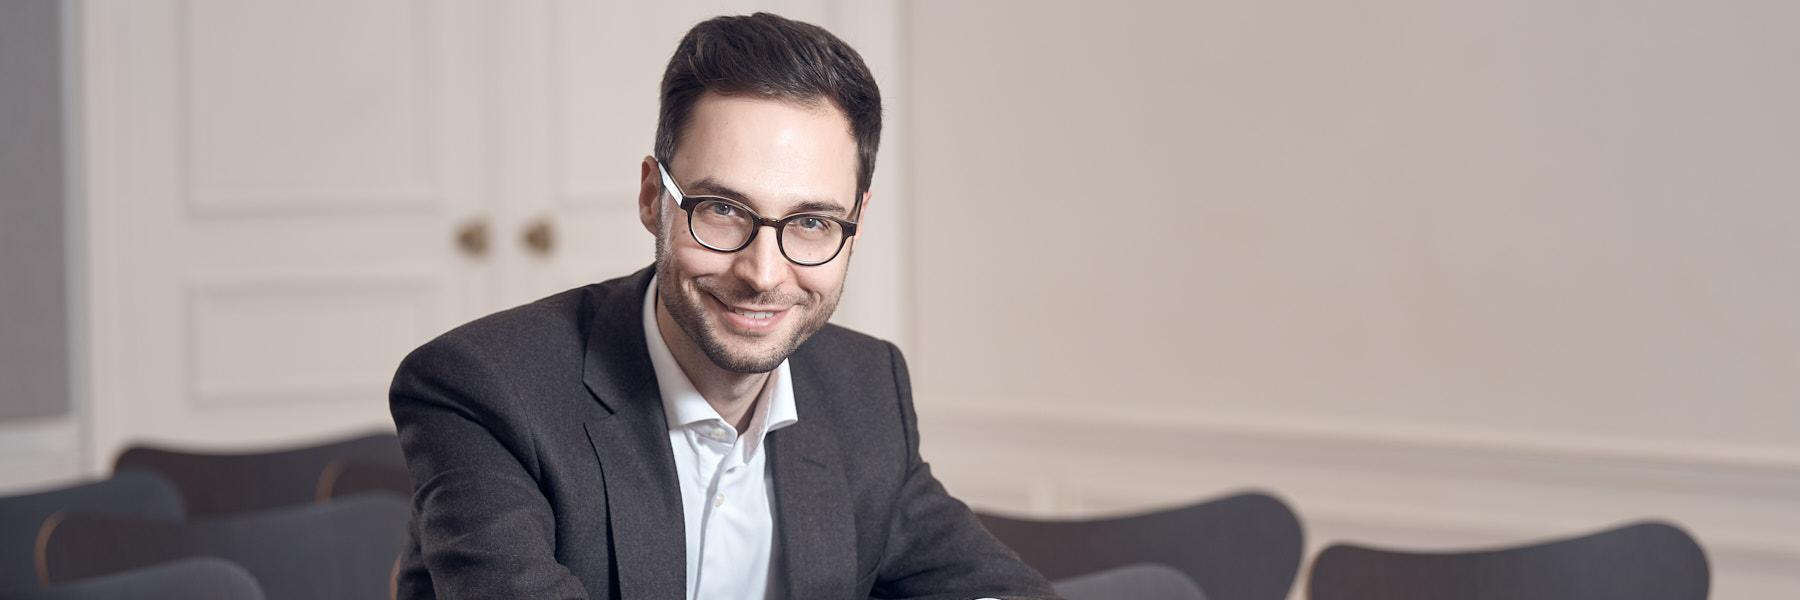 Clément Caseau - Directeur Général Steinway & Sons France